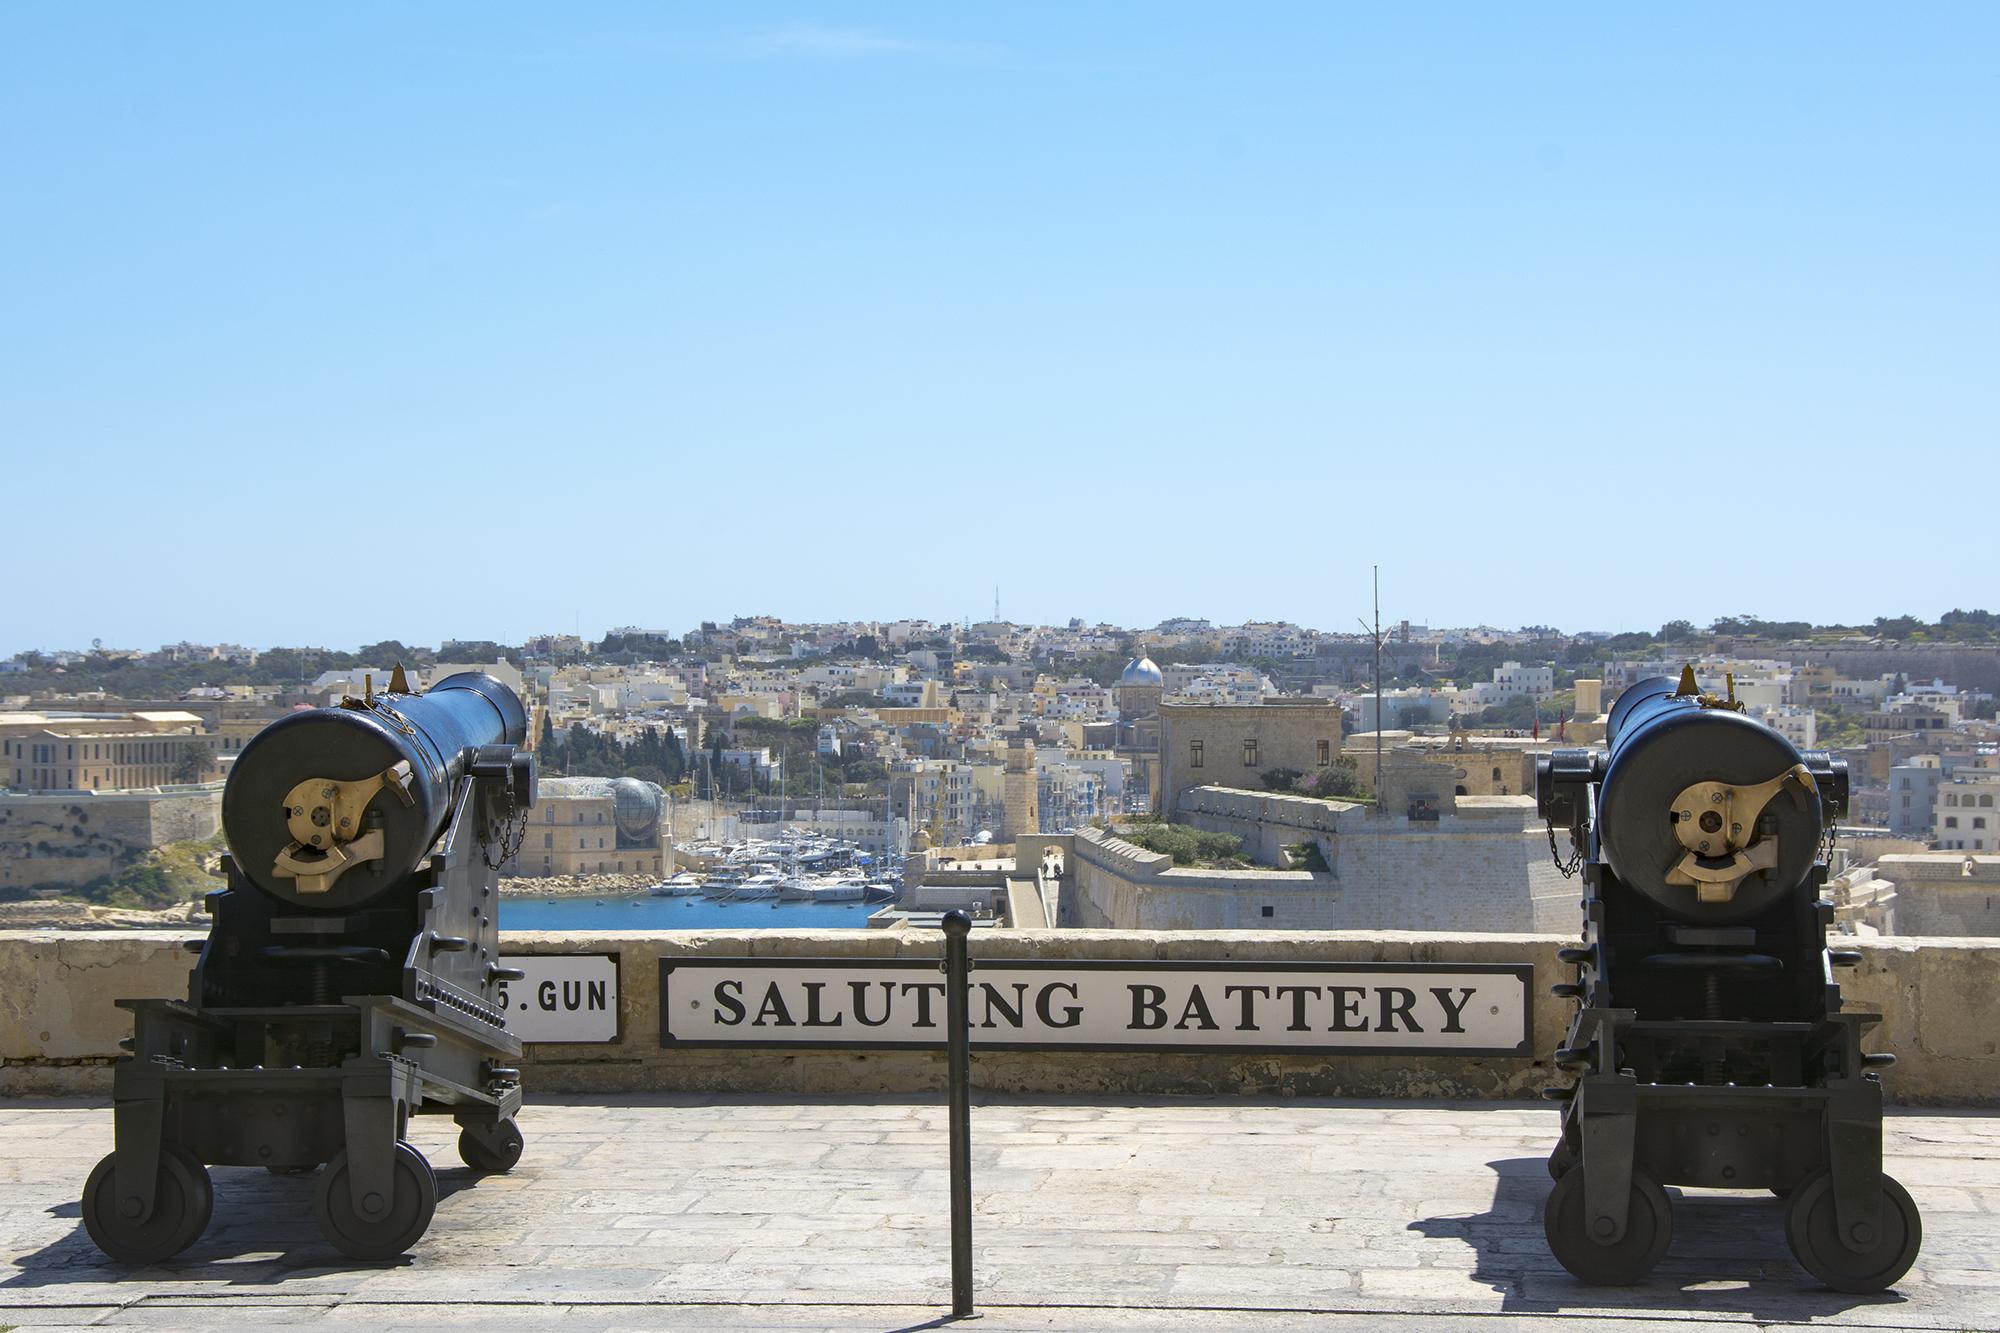 Saluting Battery upper barrakka gardens